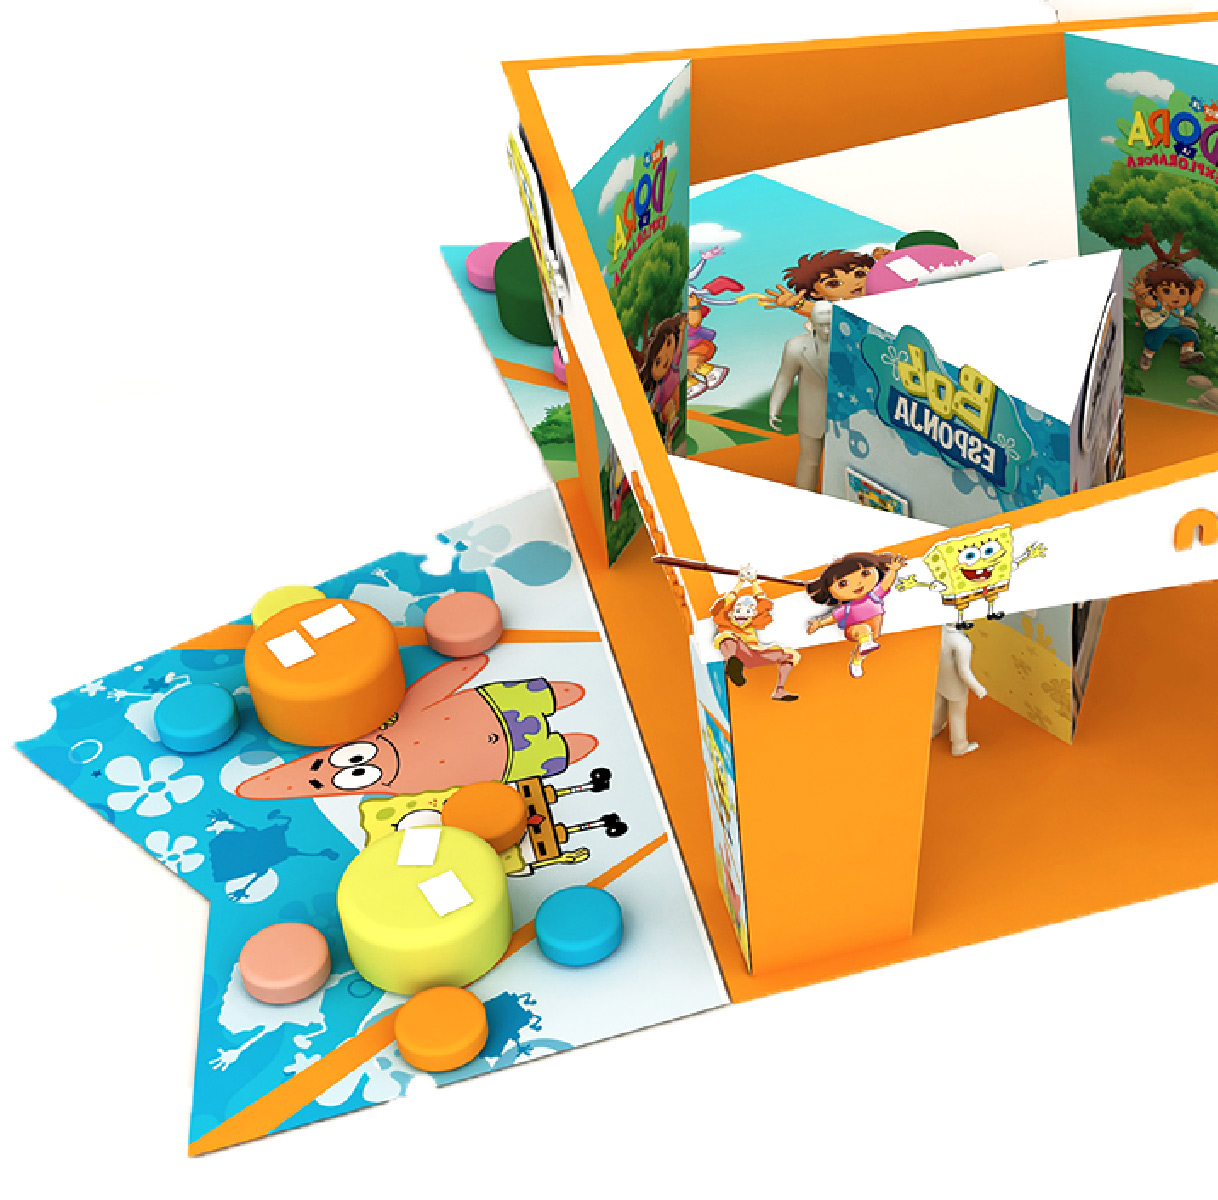 Diseño de creatividad y corporativismo para el canal infantil Nickelodeon de MTV Channel en Madrid